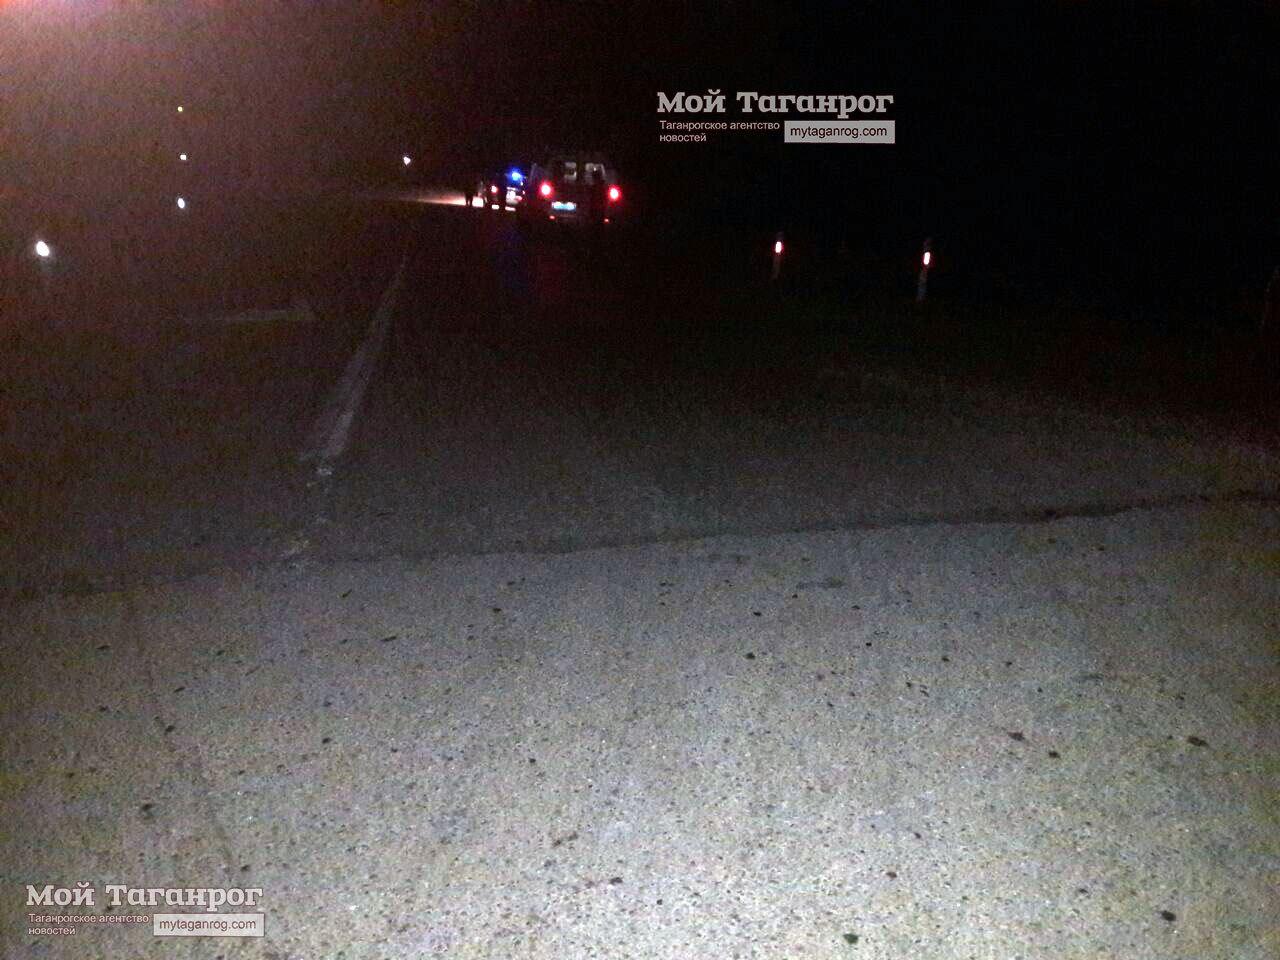 На трассе под Таганрогом автоледи на «десятке» сбила 15-летнего пешехода